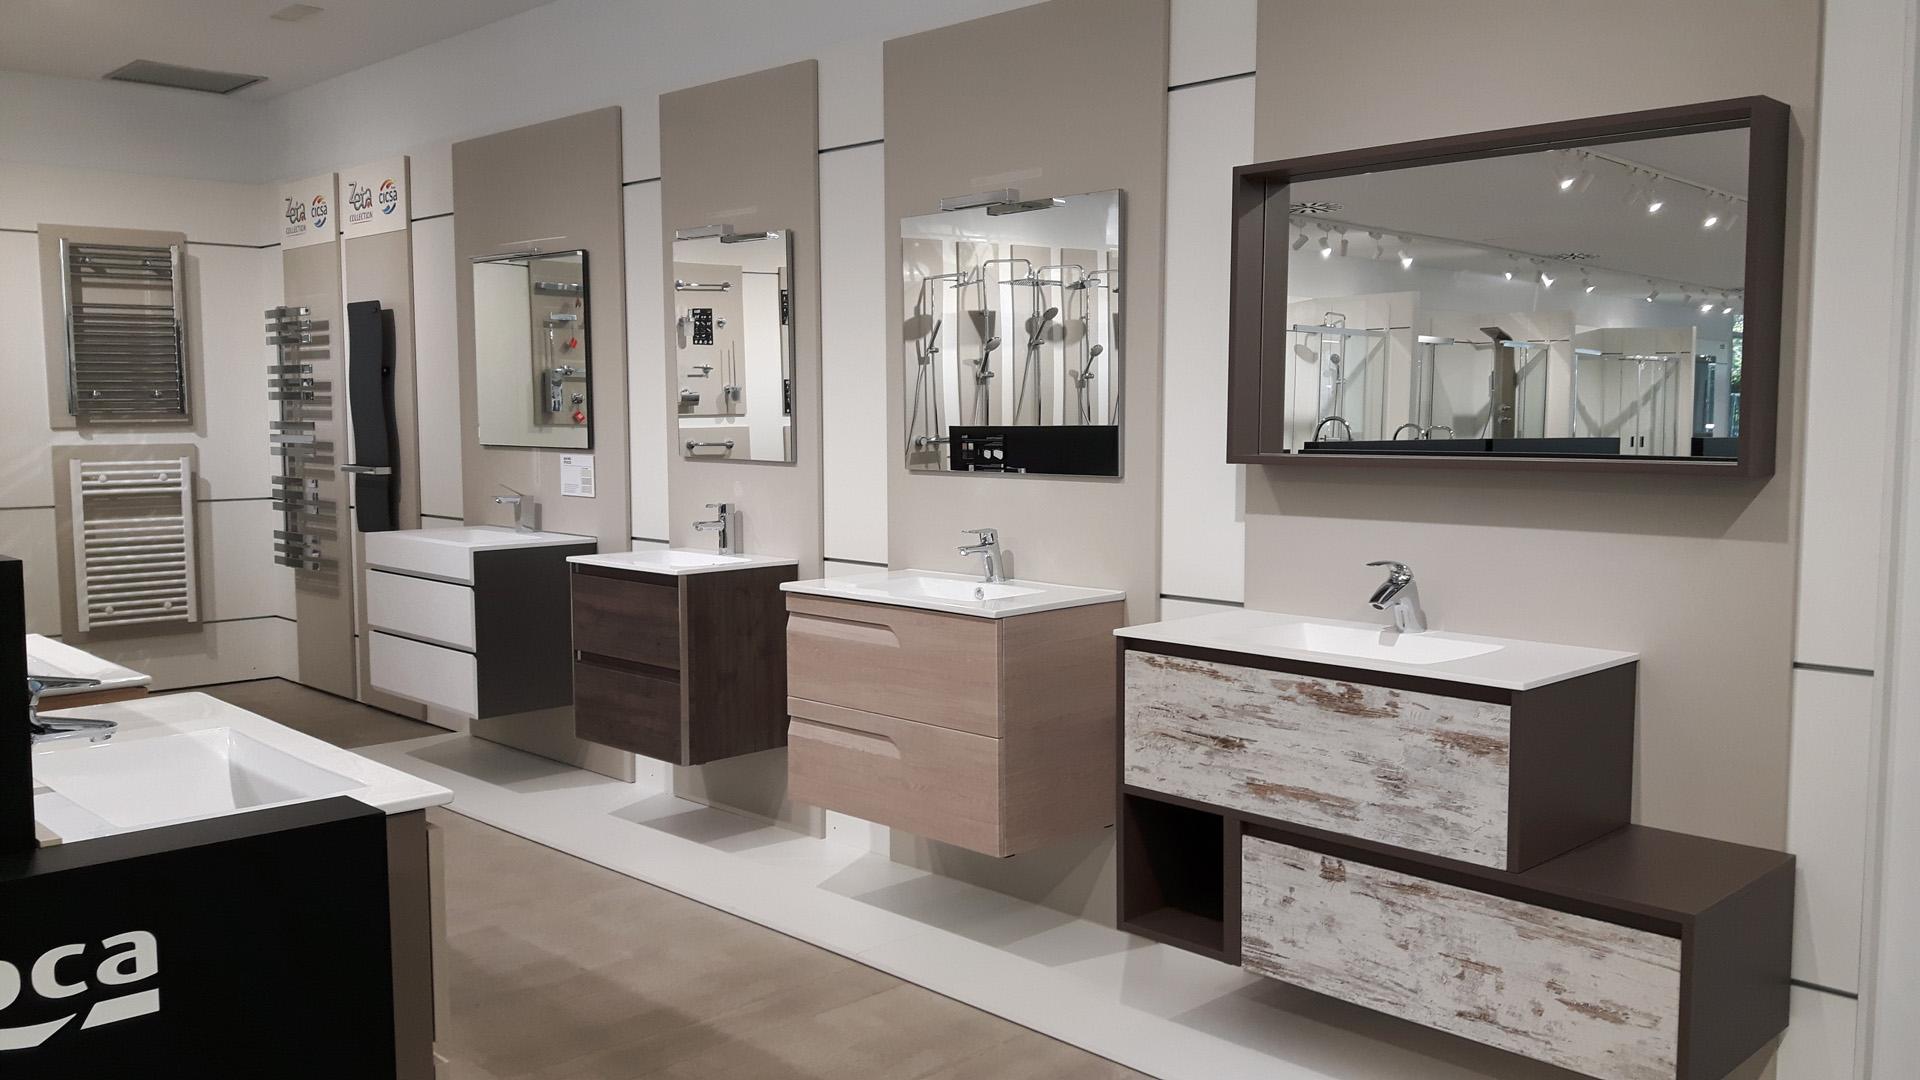 Últimas tendencias en decoración de baños, sanitarios, grifería, mamparas, saunas…